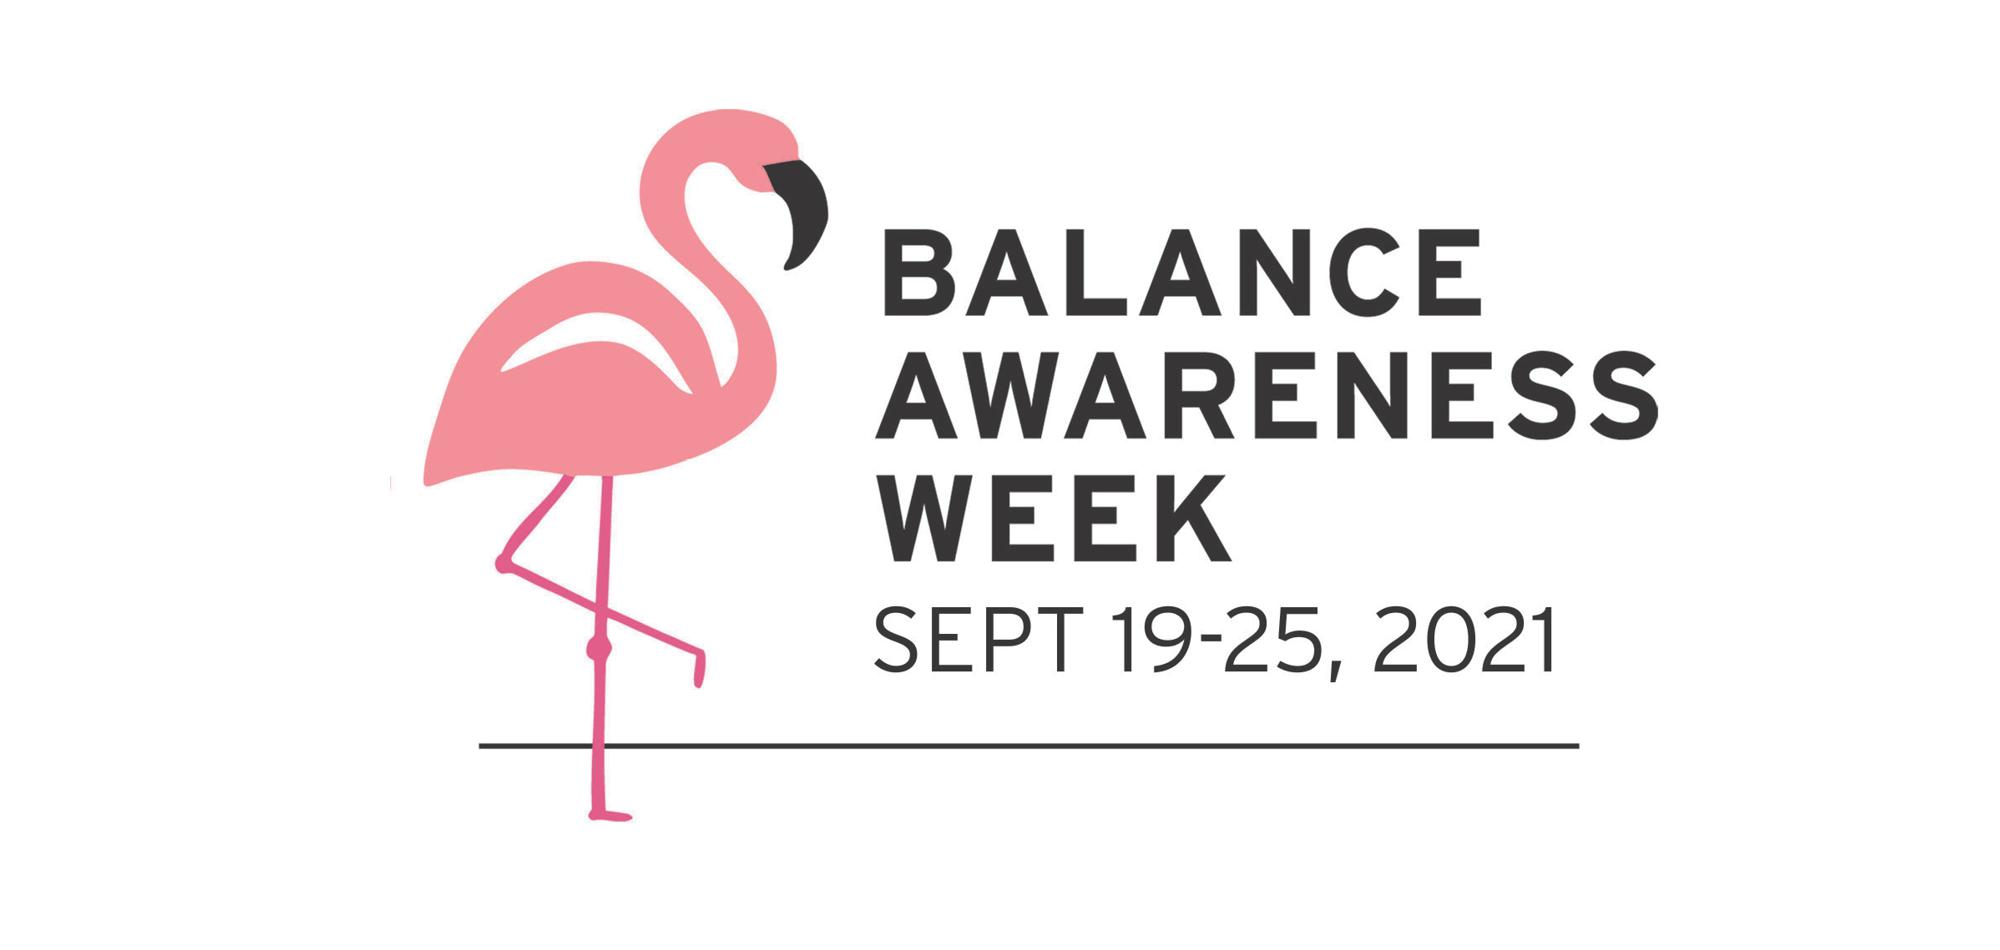 Balance Awareness Week 2021